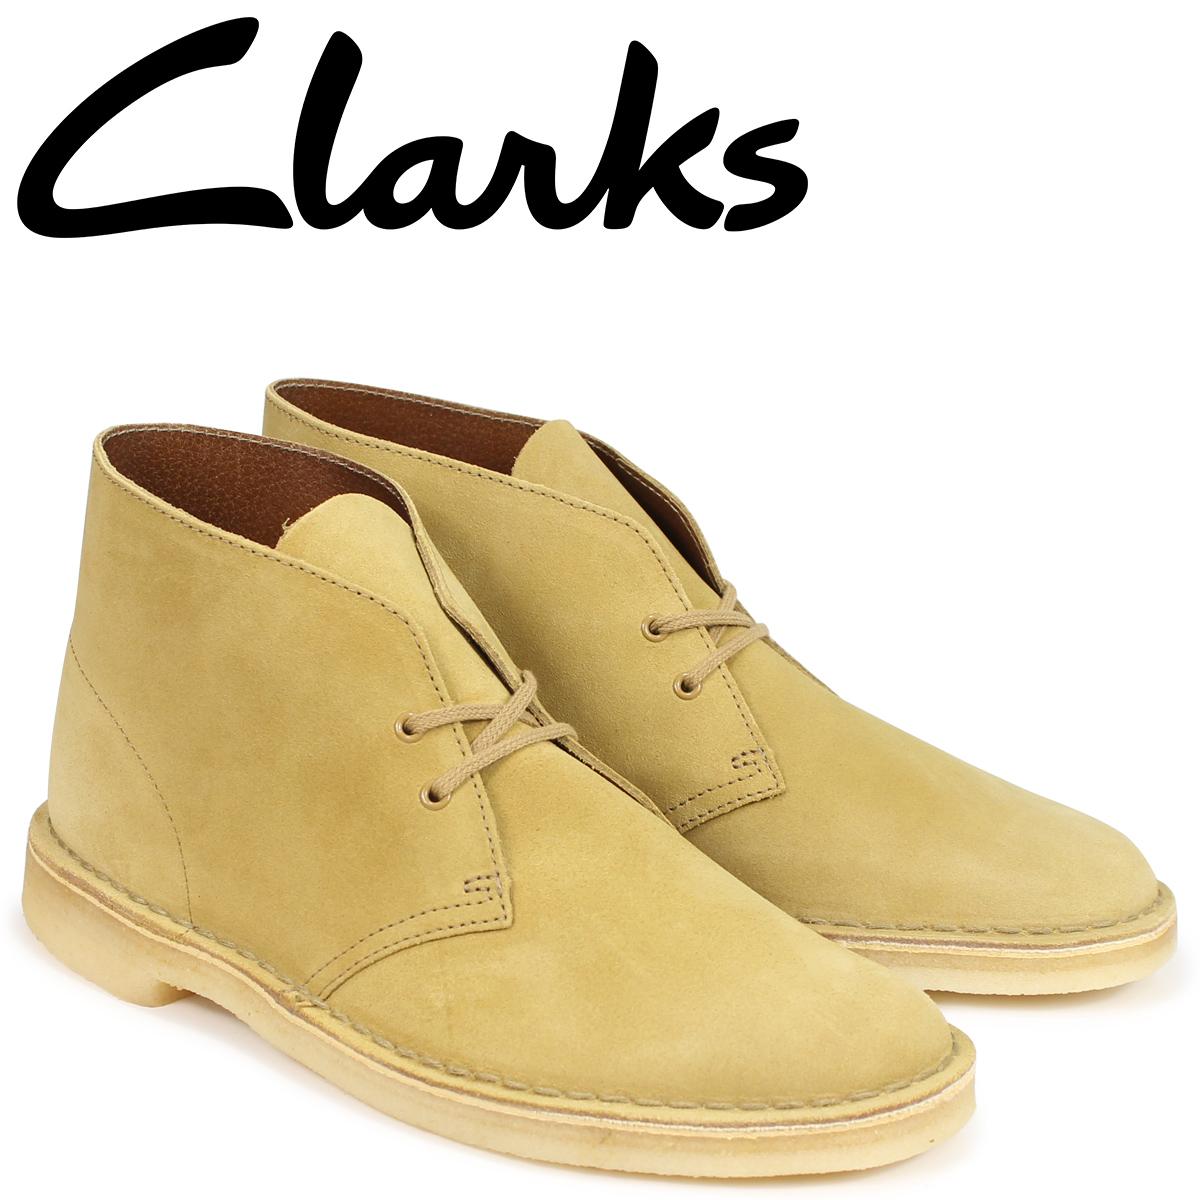 クラークス Clarks デザートブーツ メンズ DESERT BOOT 26138233 ライトブラウン